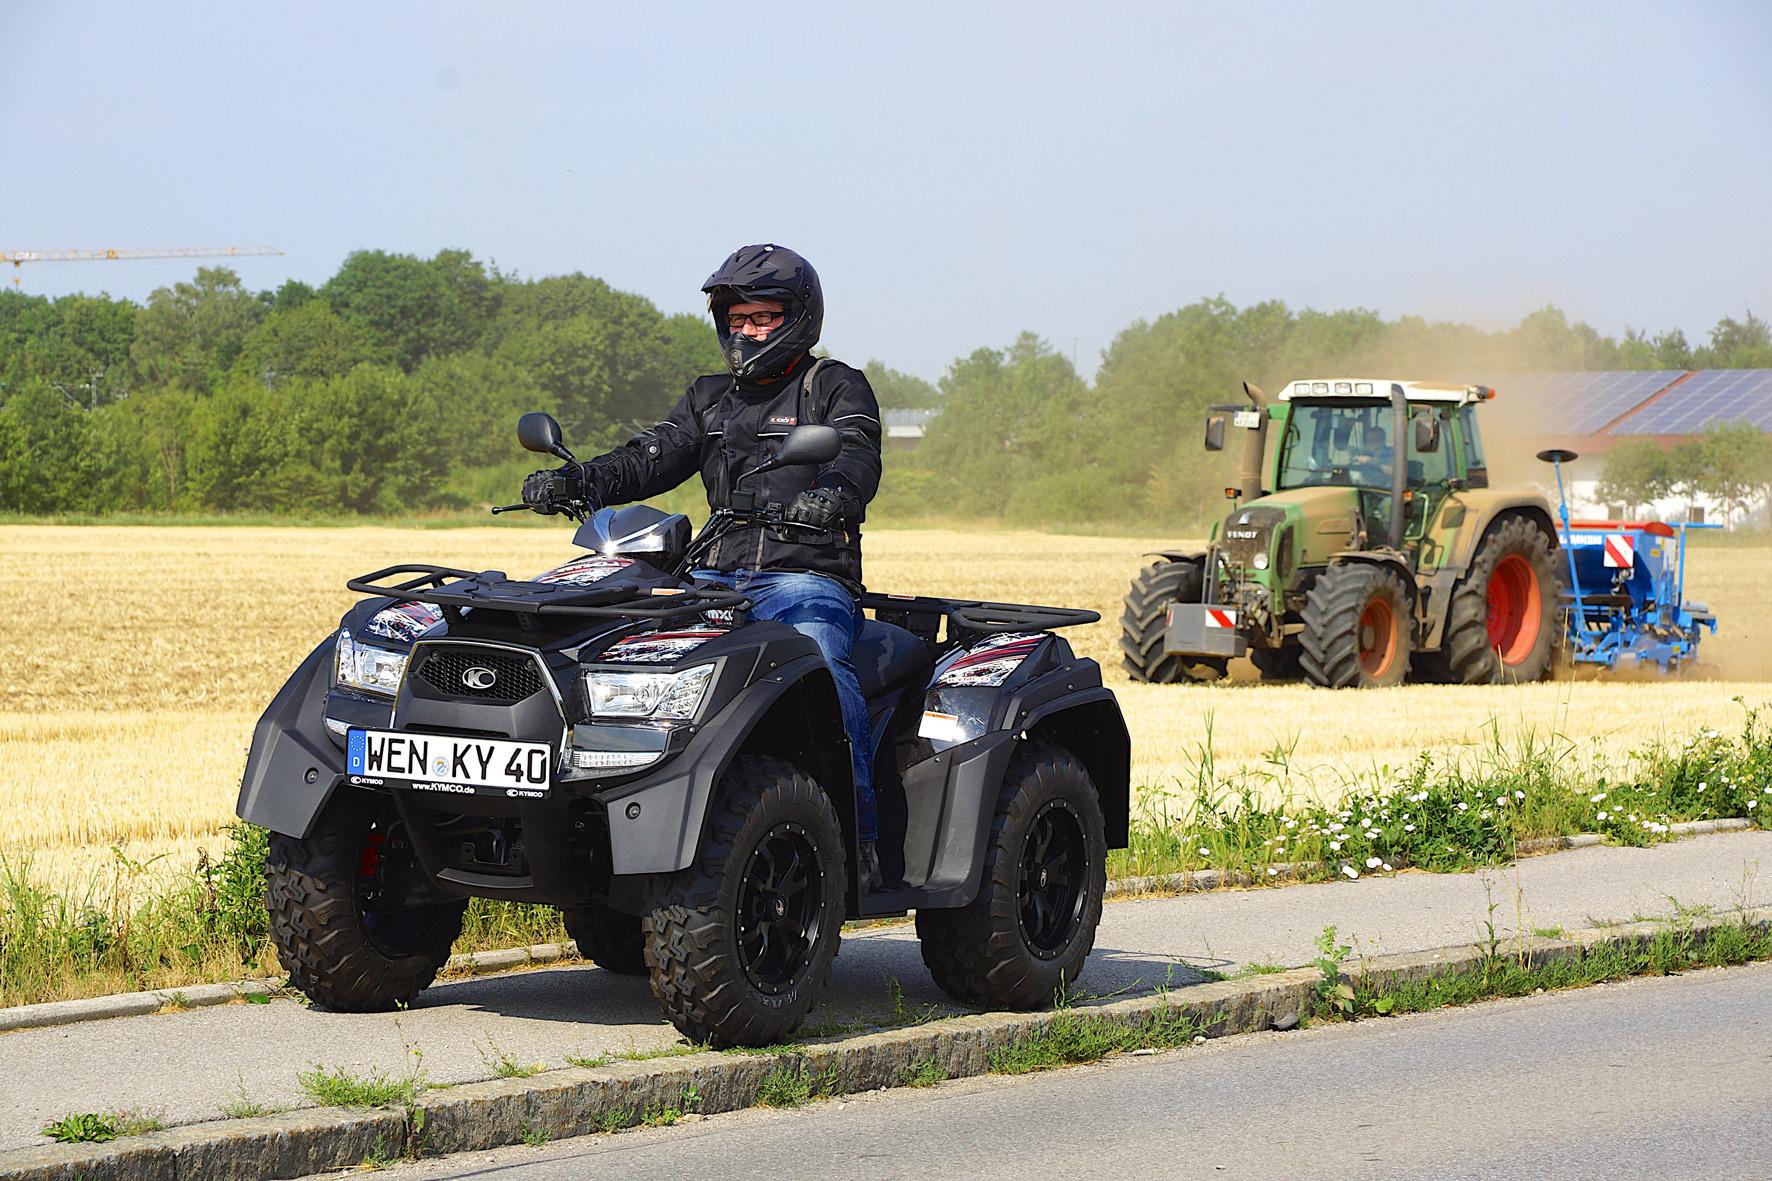 mid Weiden - Duell der Generation: Das Quad ATV des taiwanesischen Herstellers Kymco hängt den Traktor locker ab.